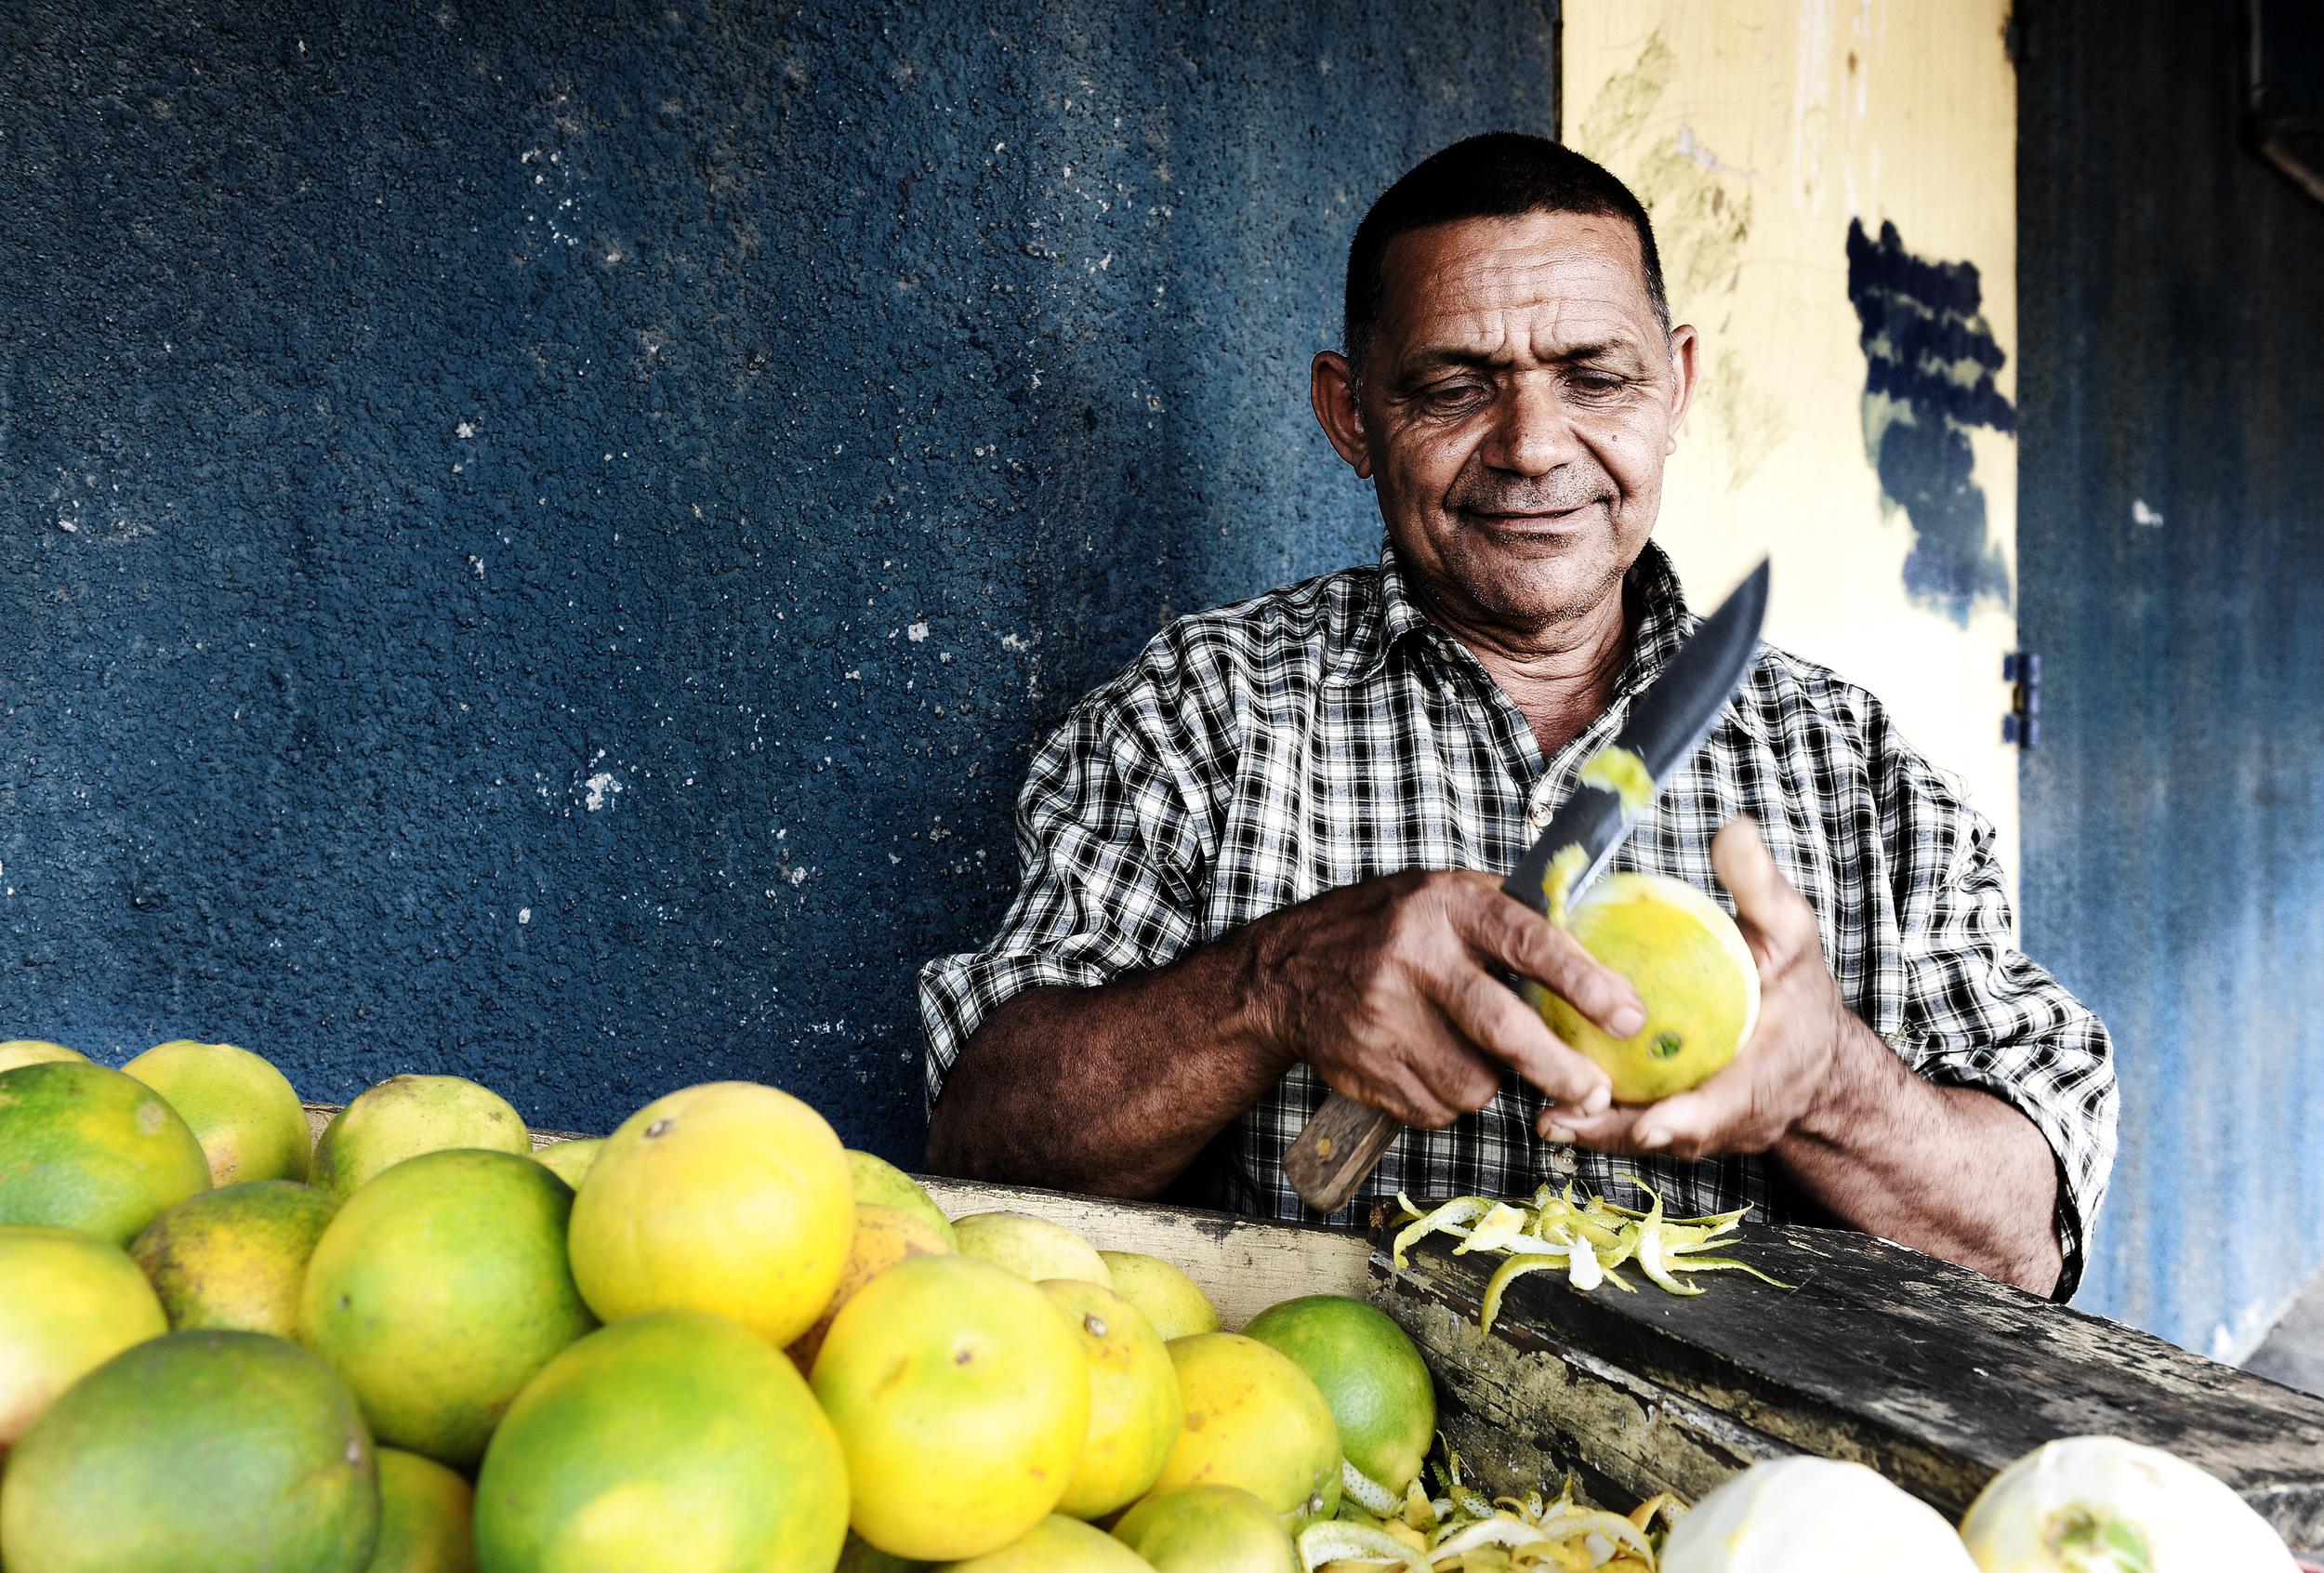 SERIE - DOMINIKANISCHE REPUBLIK